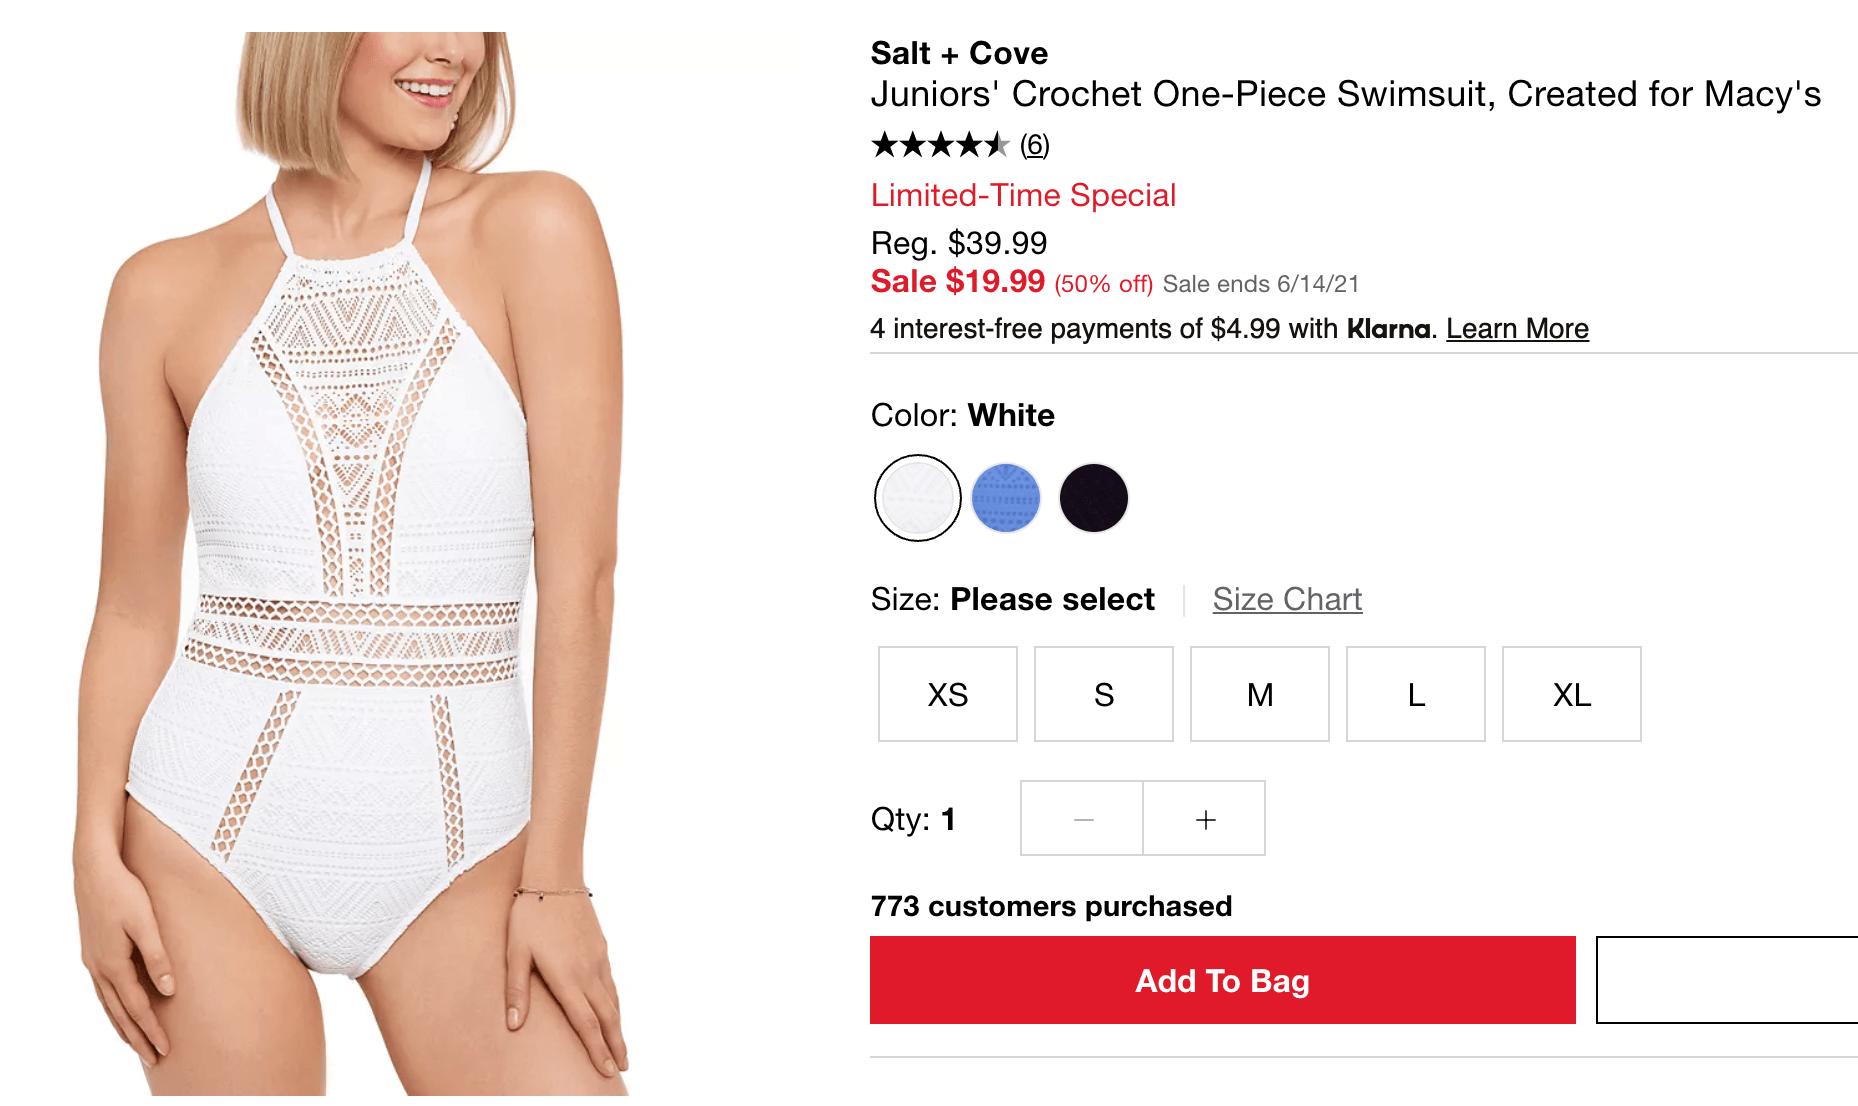 Crochet one-piece swimsuit